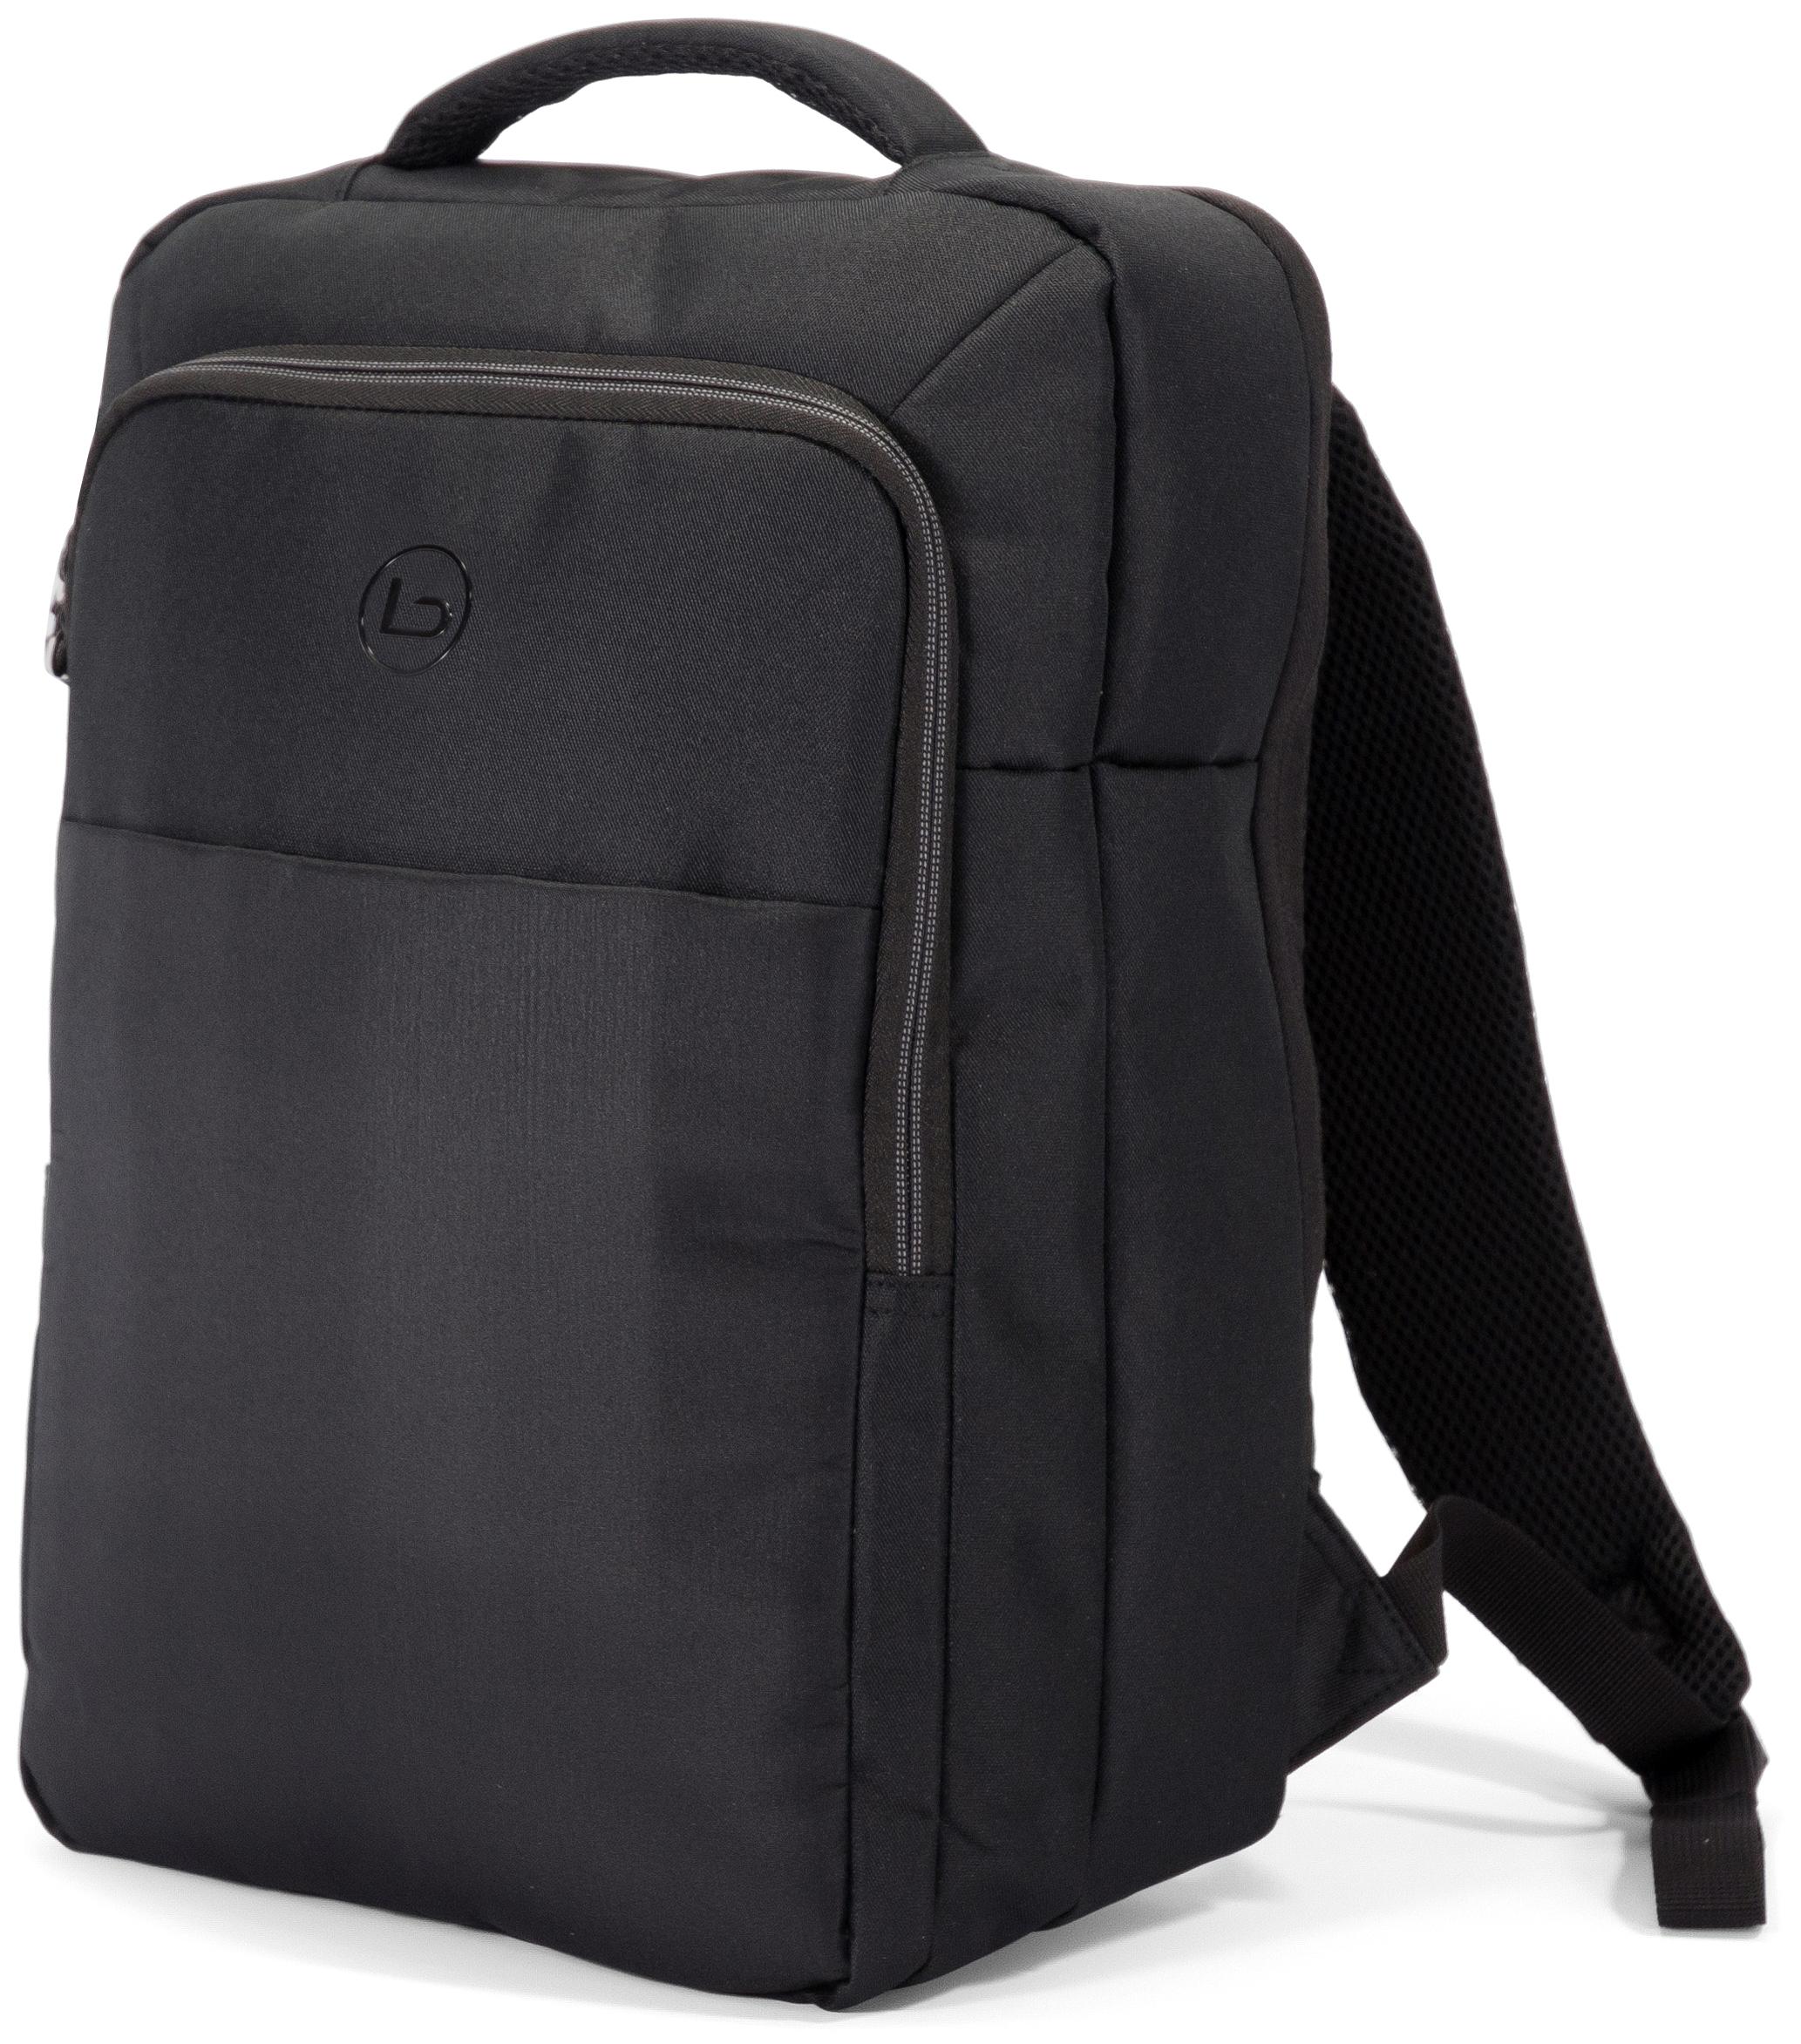 Τσάντα Πλάτης για Laptop 15.6 ίντσες Benzi BZ5428 Μαύρο